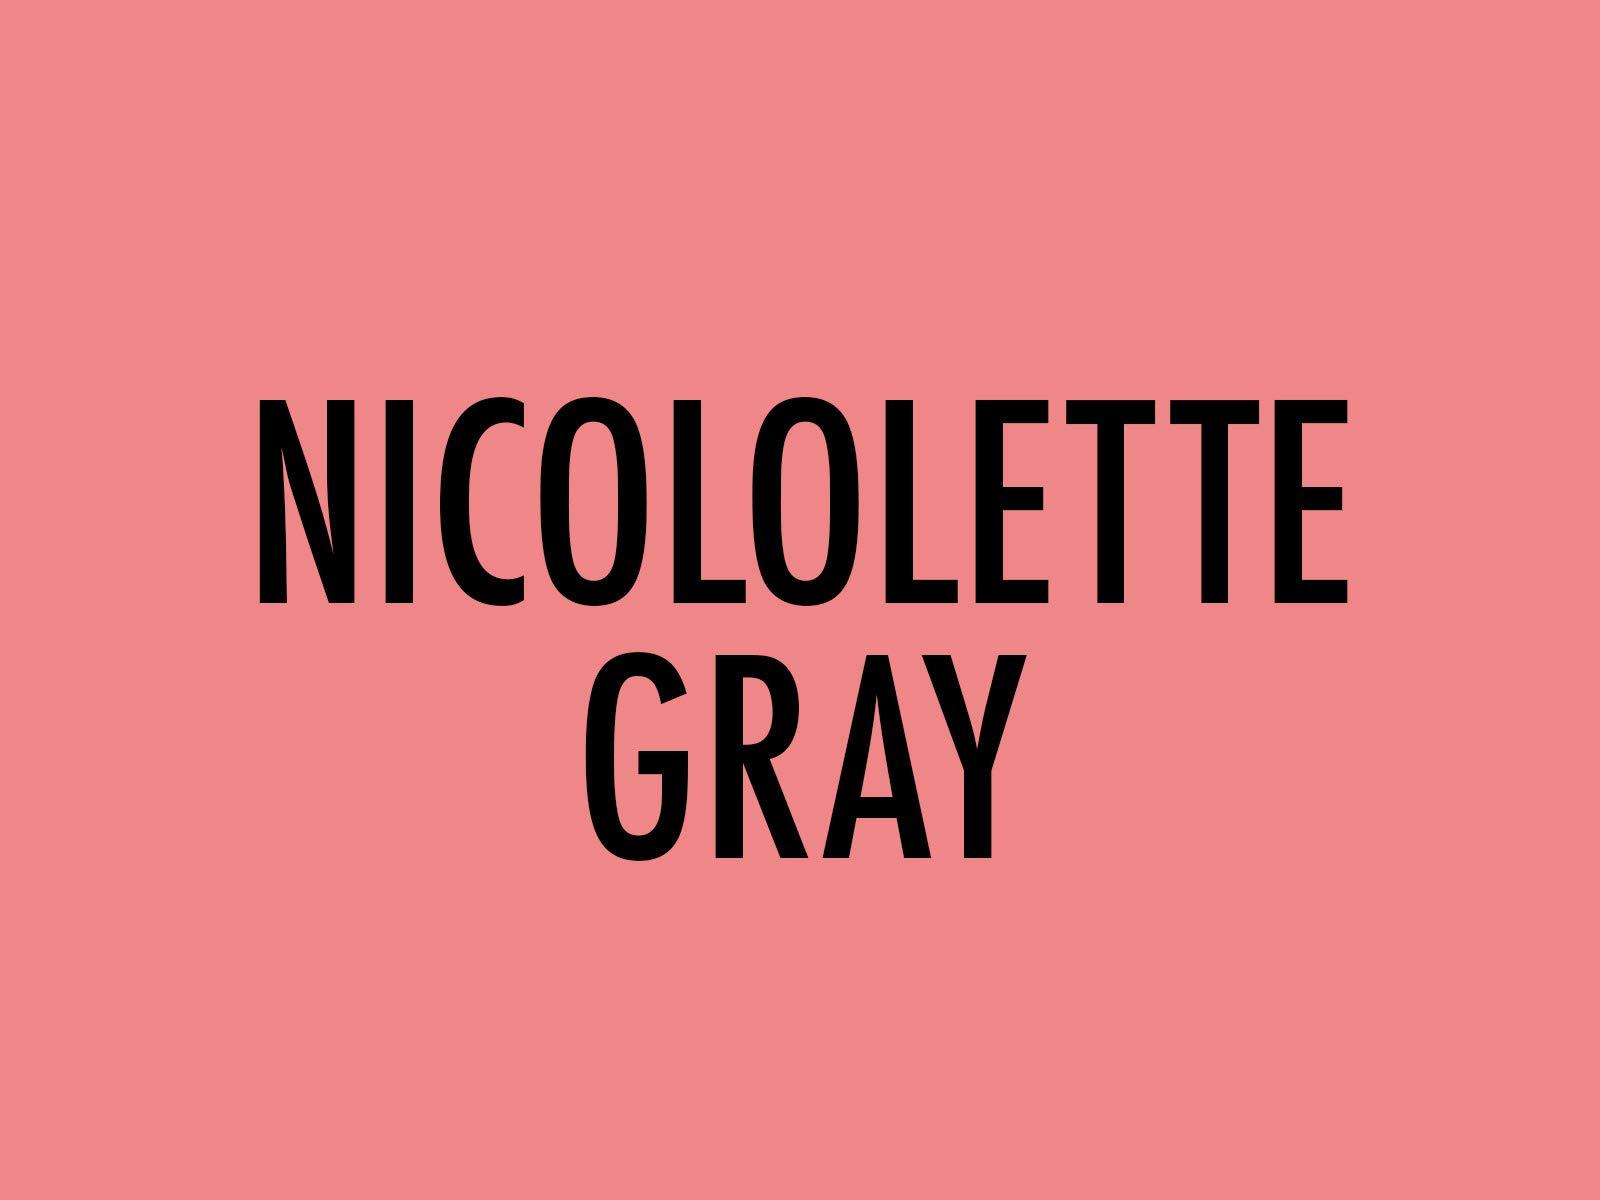 Nicolette Gray - Season 1